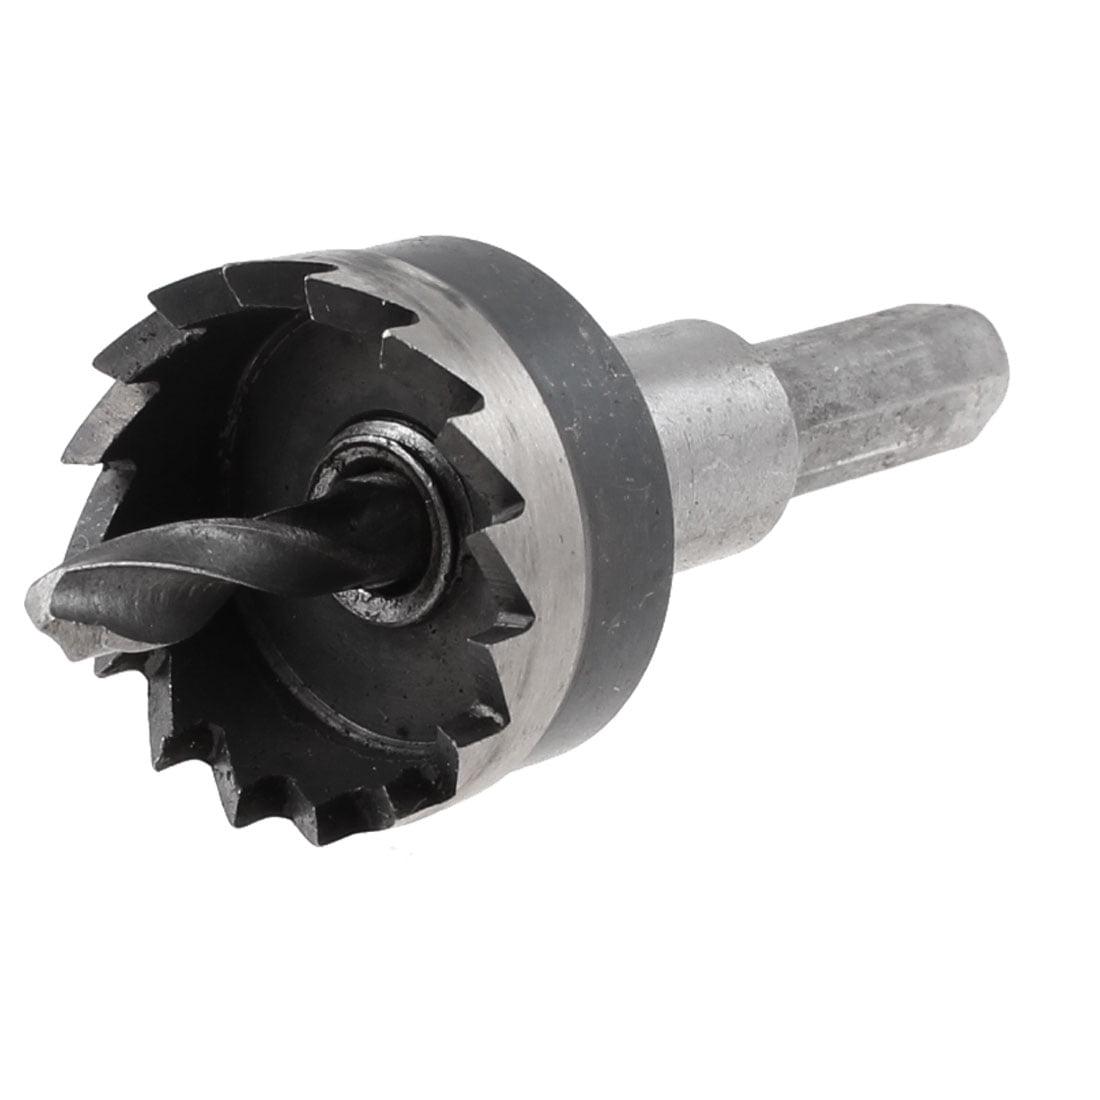 25mm Cutting Dia Triangle Shank Metal Iron Cutter HSS Twist Drill Bit Hole Saw